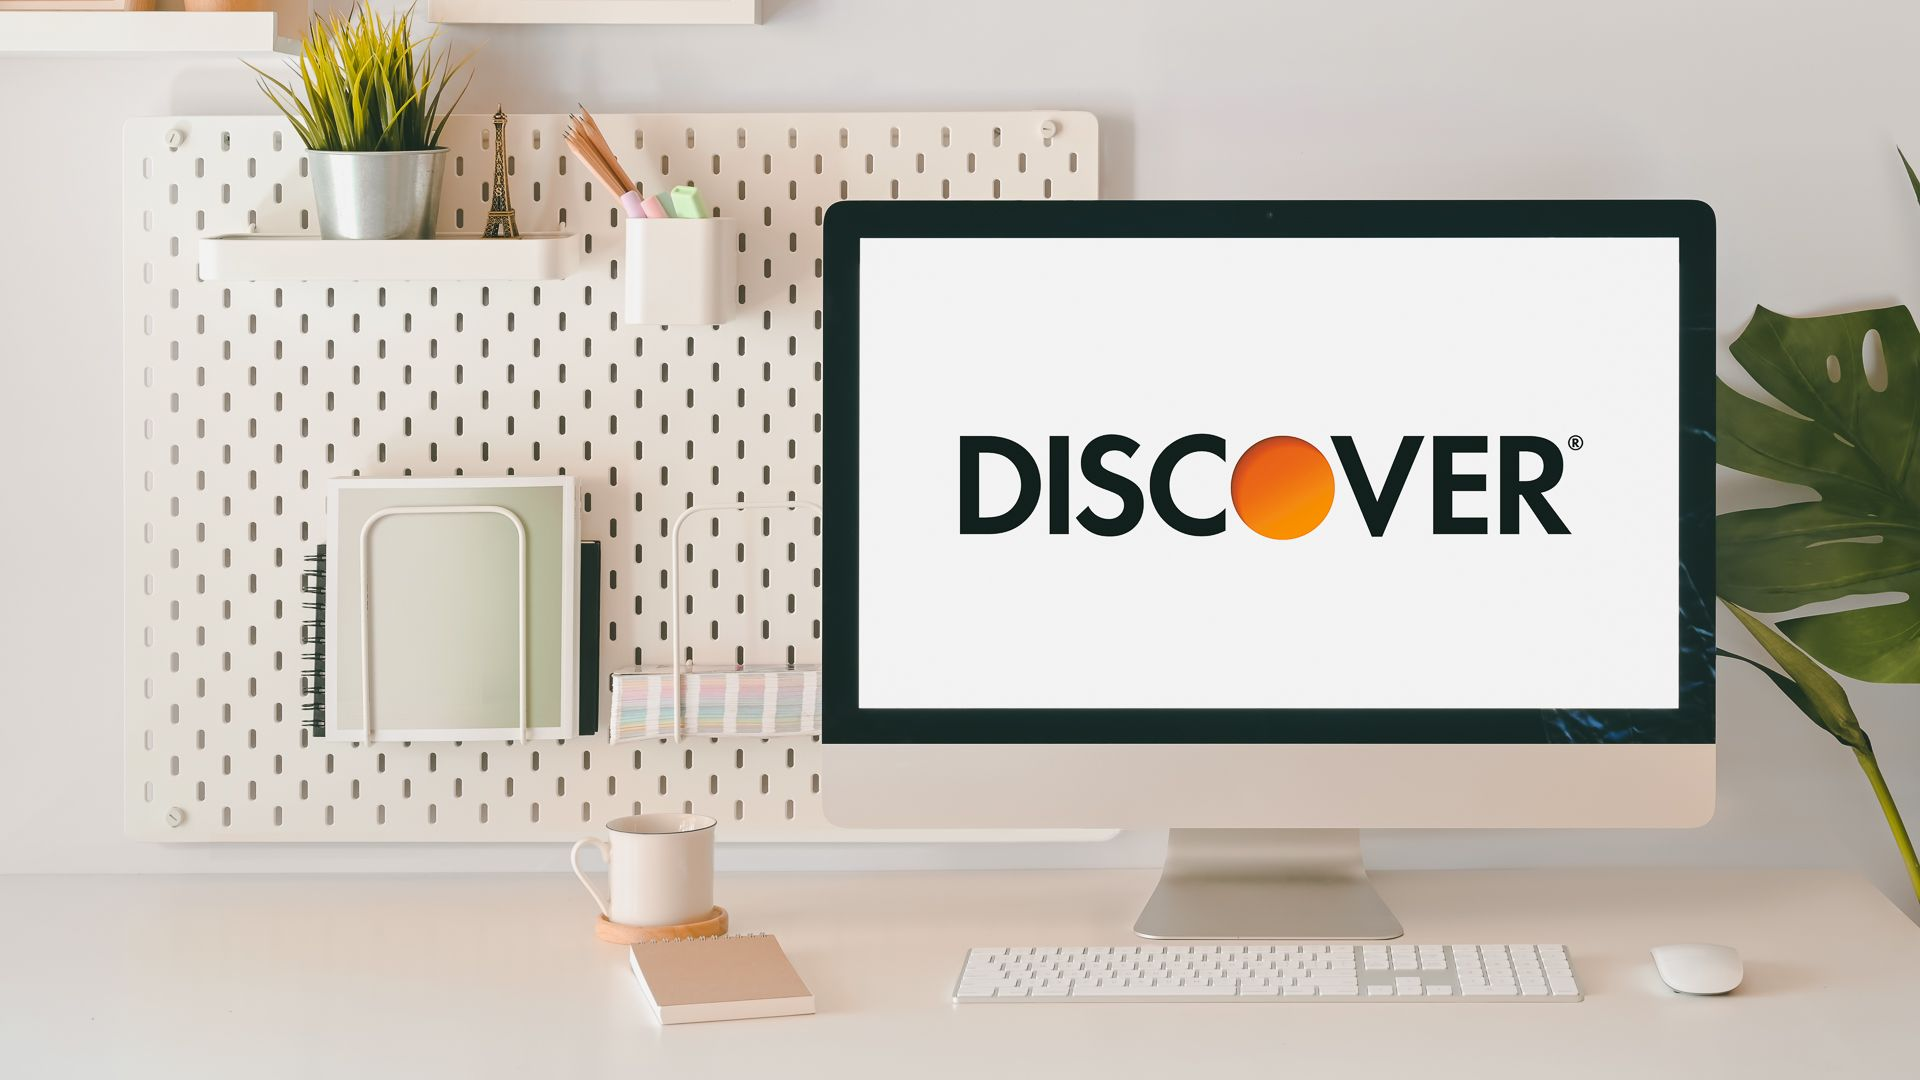 Discover online bank on desktop computer